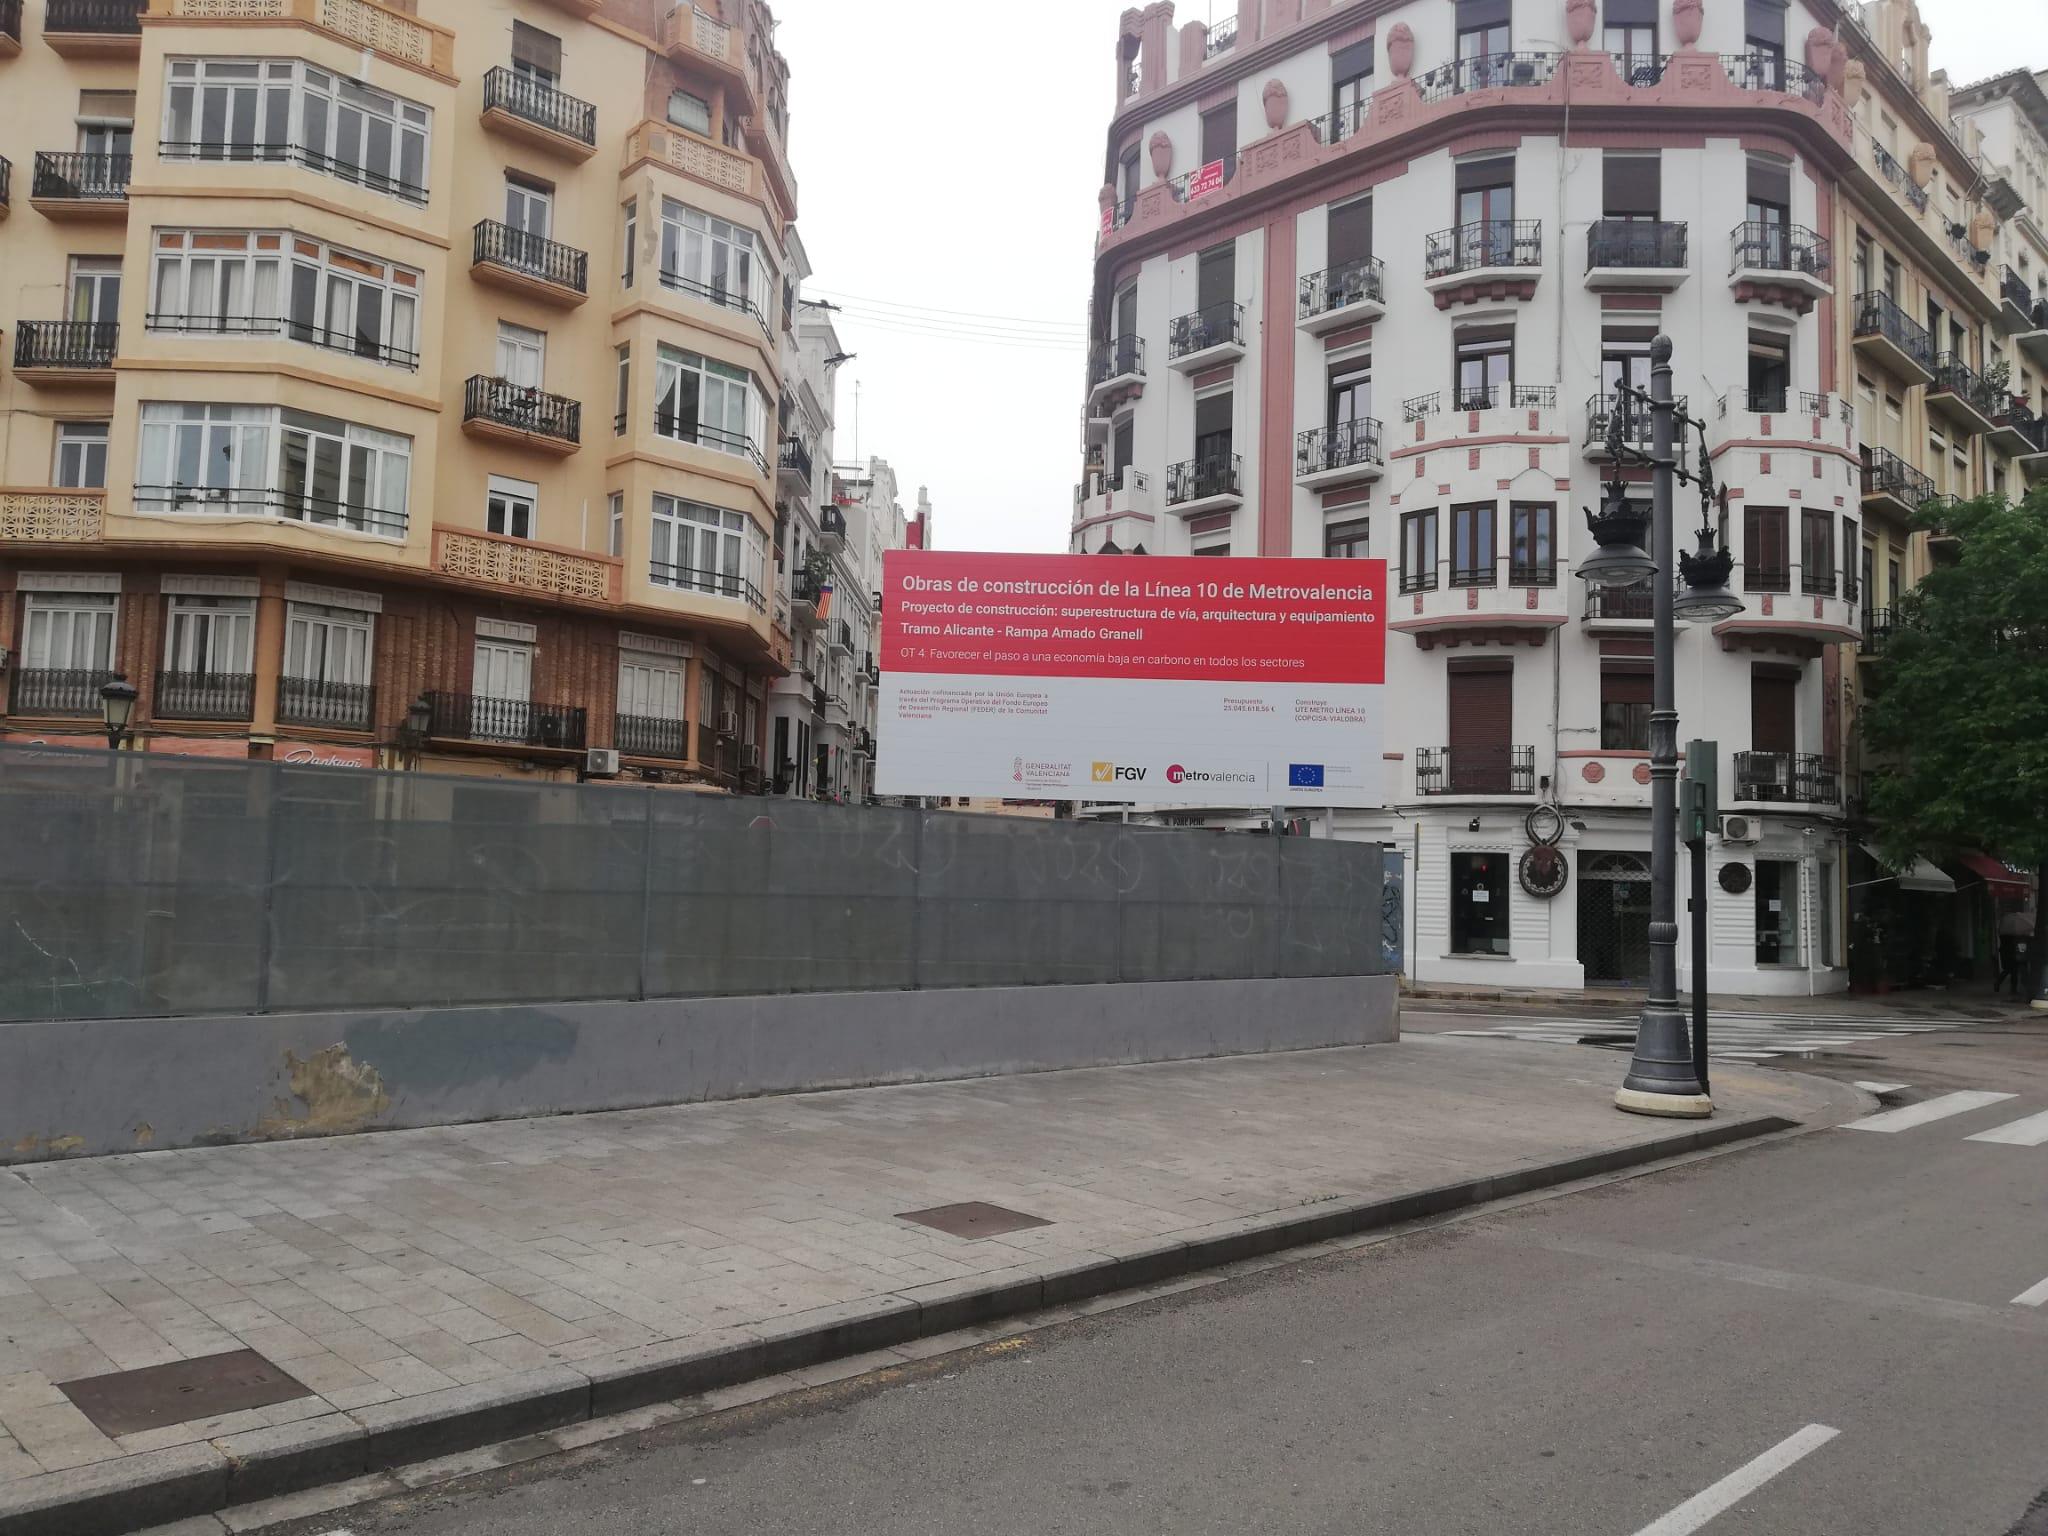 La Generalitat executa les primeres actuacions en el tram subterrani de la futura línia 10 de Metrovalencia